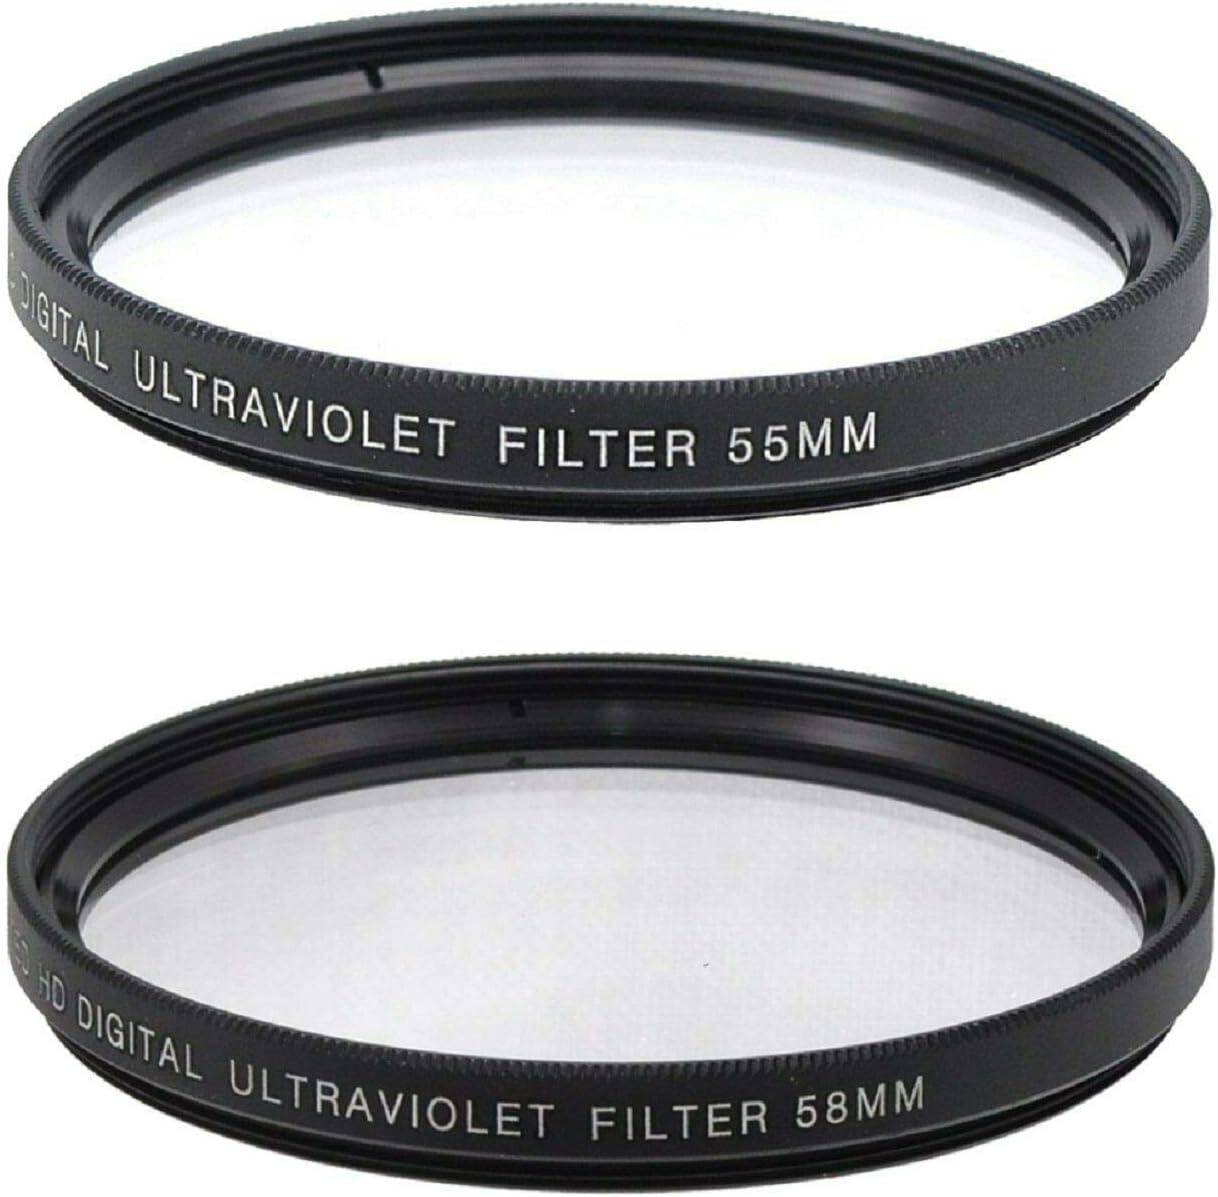 Ultraviolet UV Multi-Coated HD Glass Protection Filter for Nikon AF-S DX NIKKOR 18-300mm f//3.5-6.3G ED VR Lens